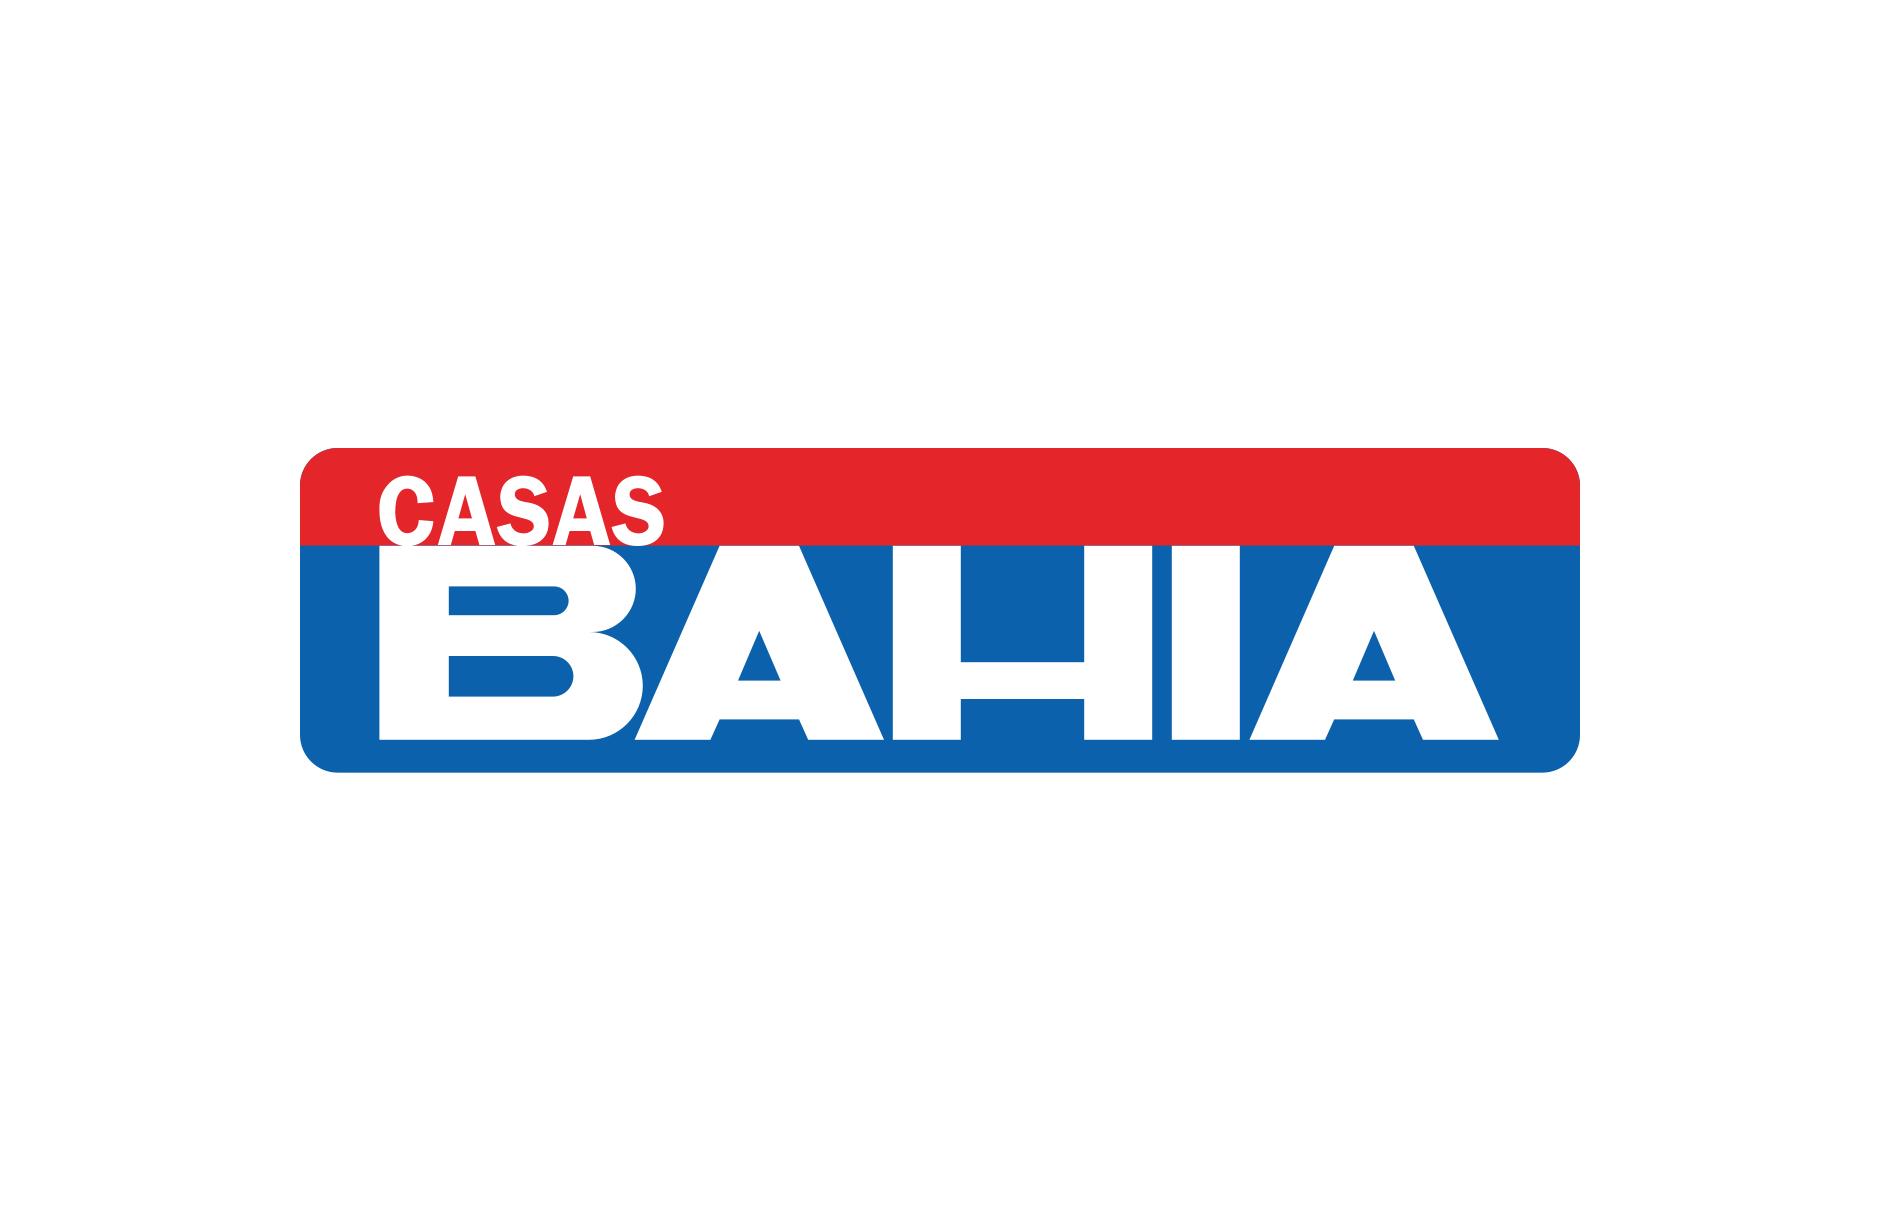 Telefone Cartão Casas Bahia, contato 0800